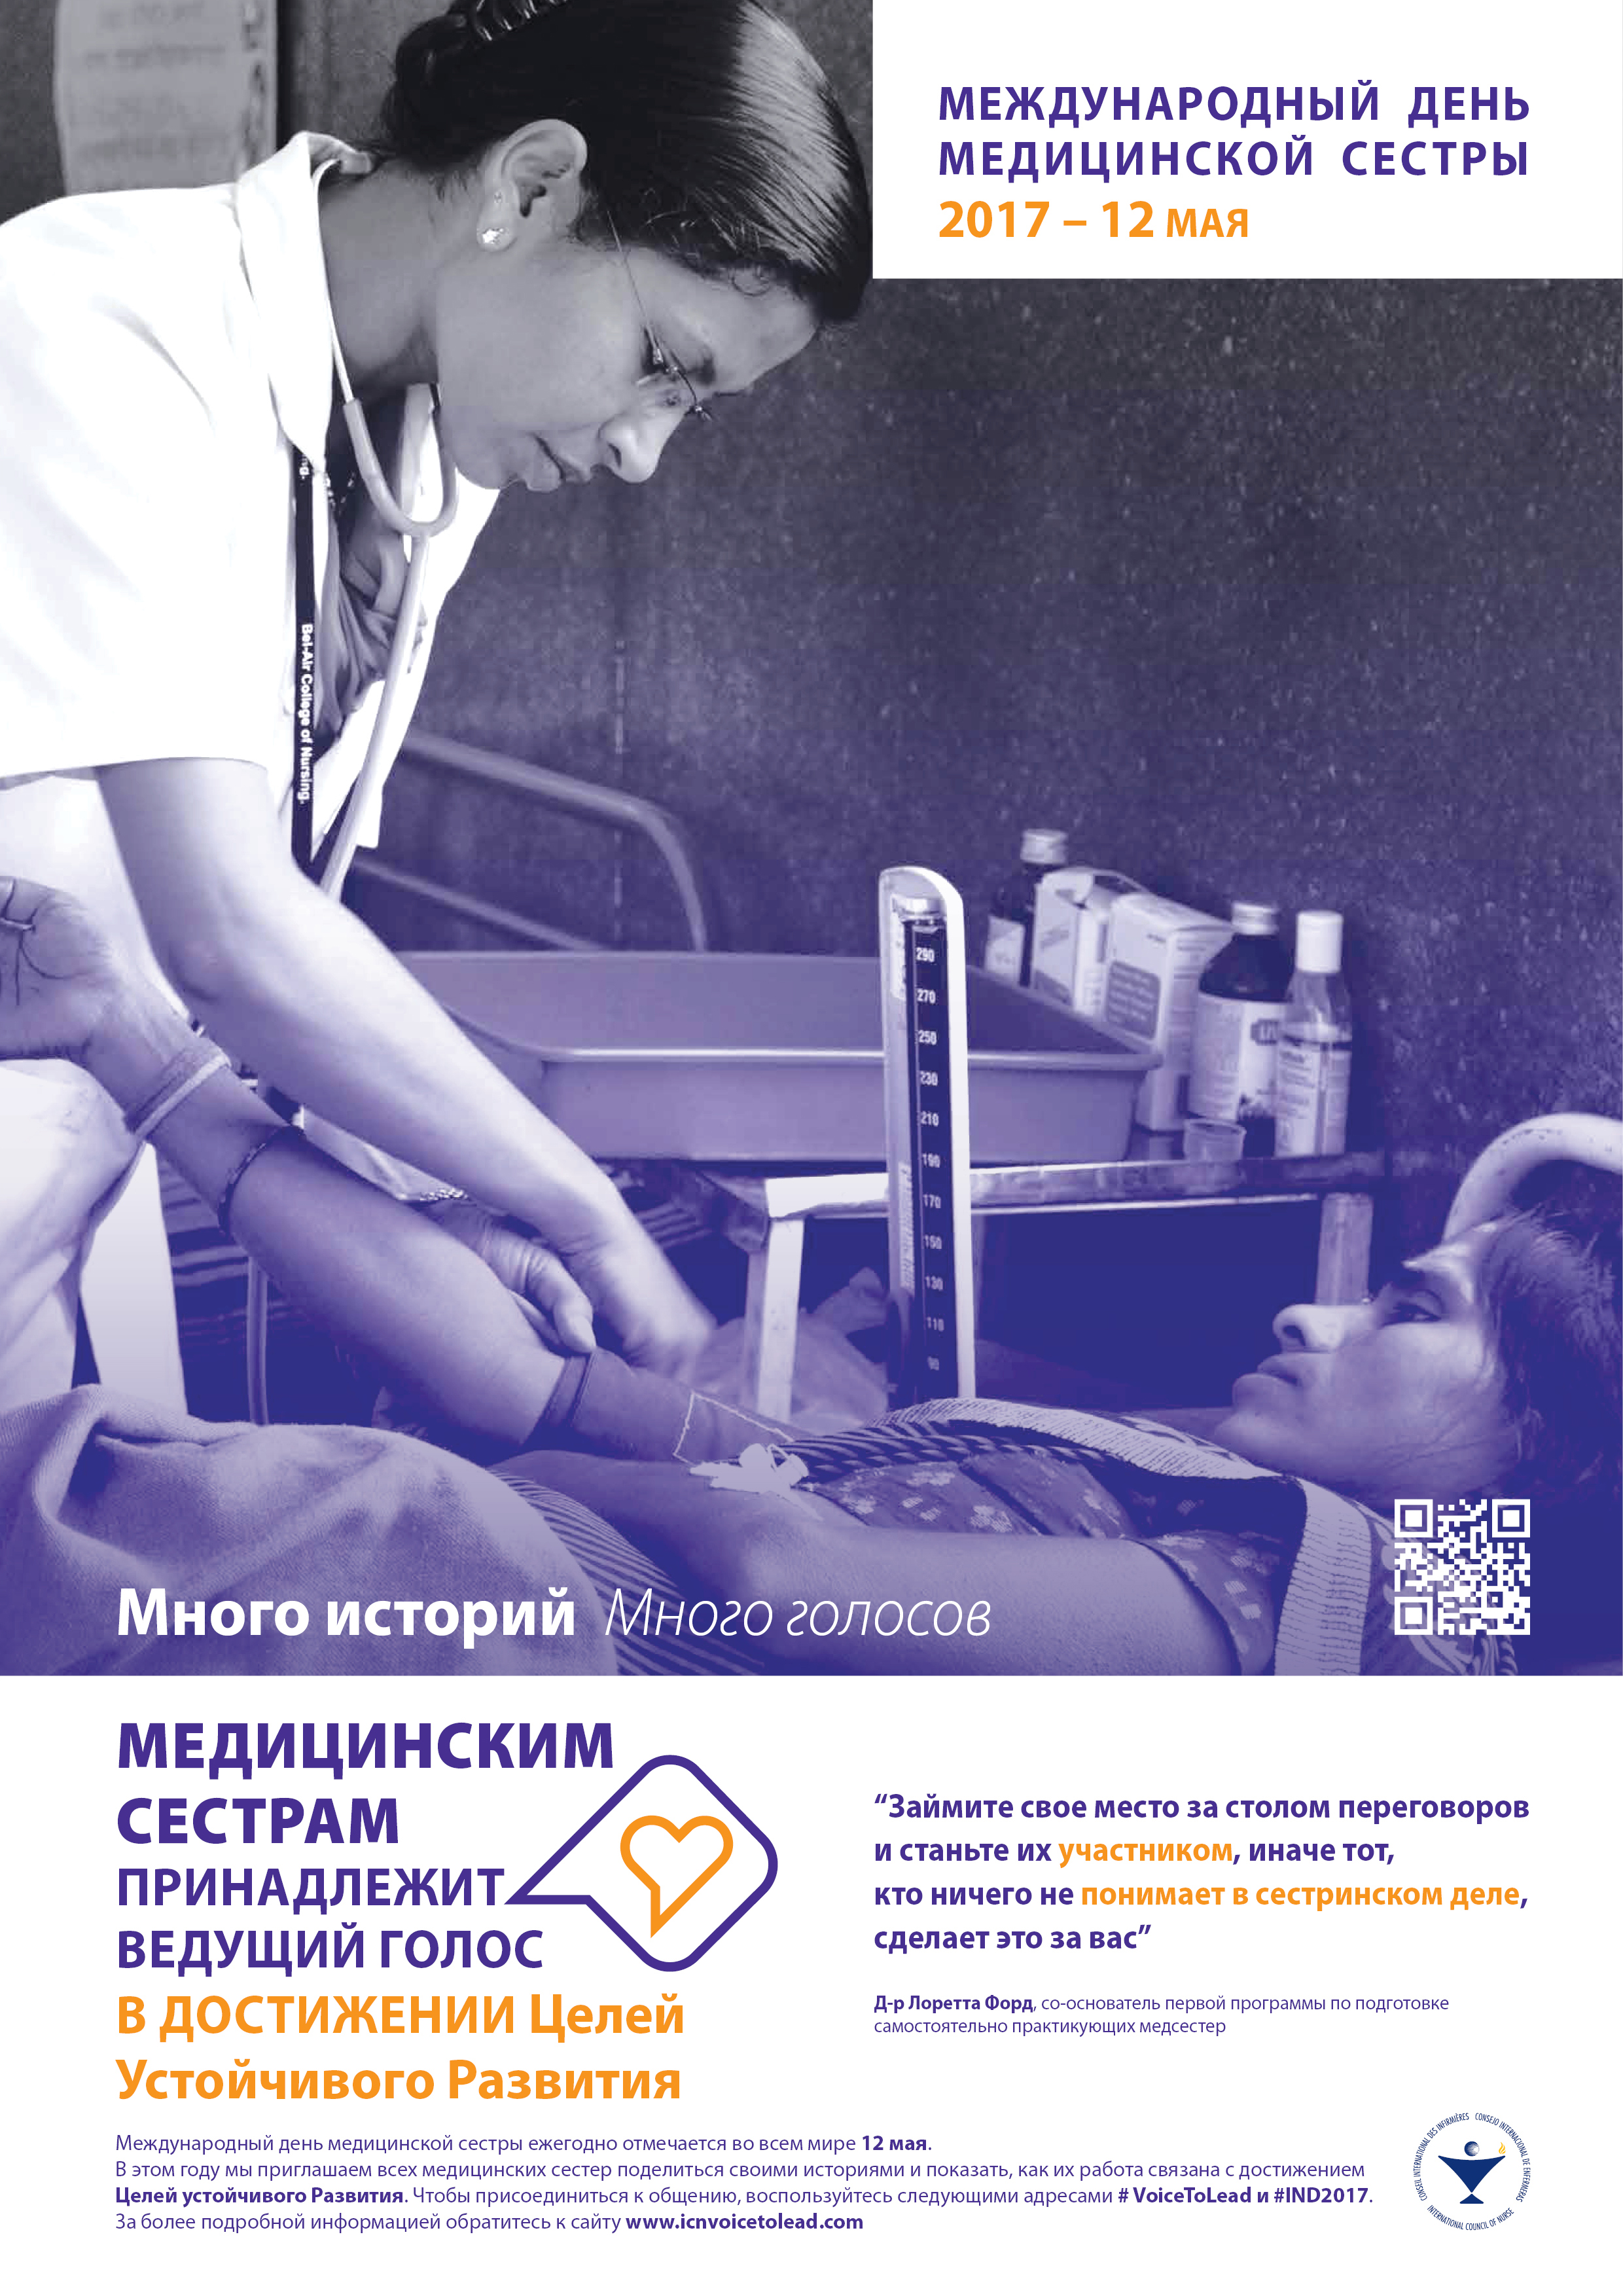 Международный день медицинской сестры 2017